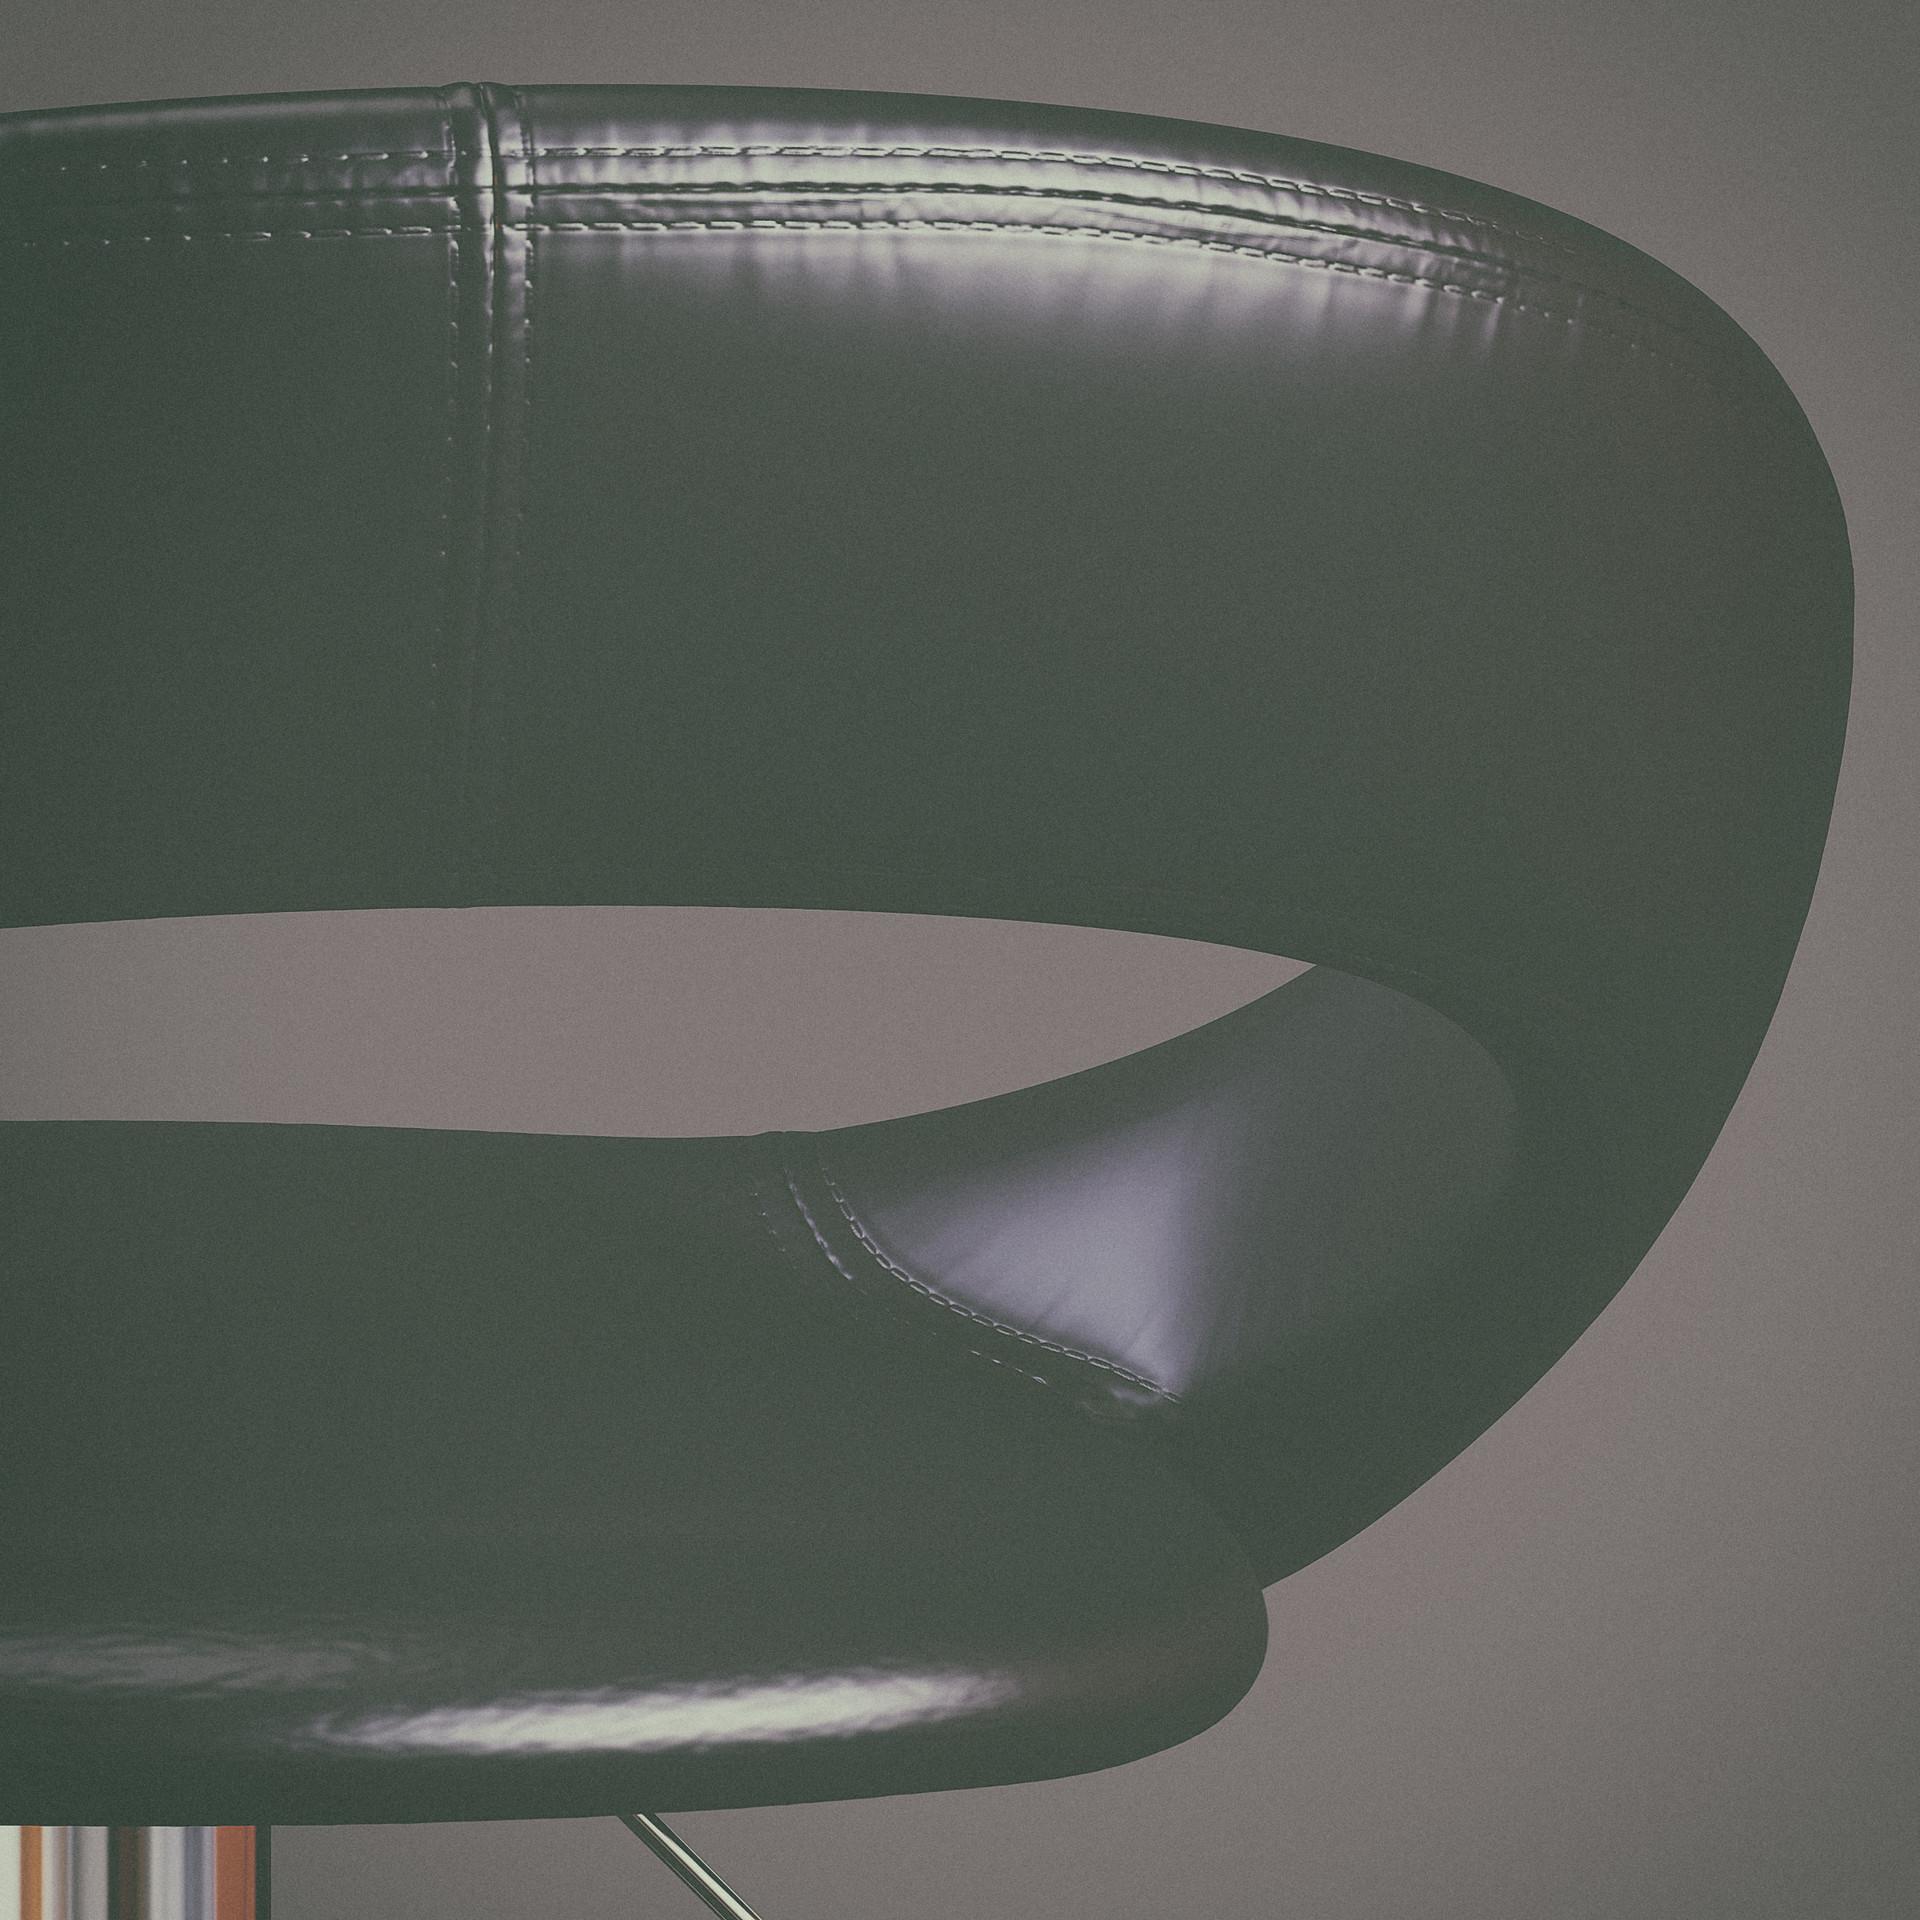 Elias s bar stool black 011 0 00 00 00 1